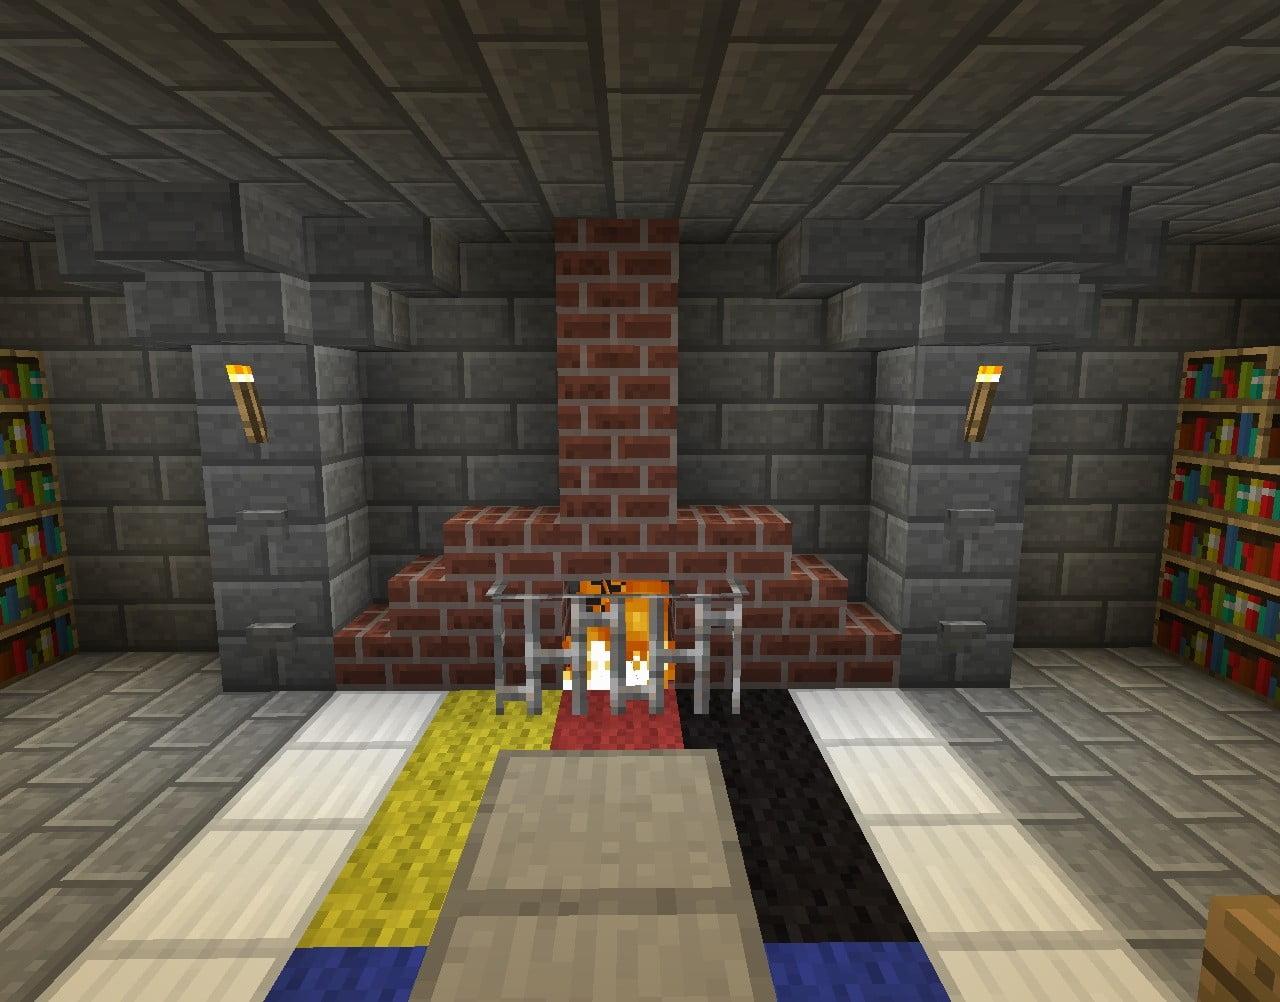 ᐅ Kamin in Minecraft bauen - minecraft-bauideen.de